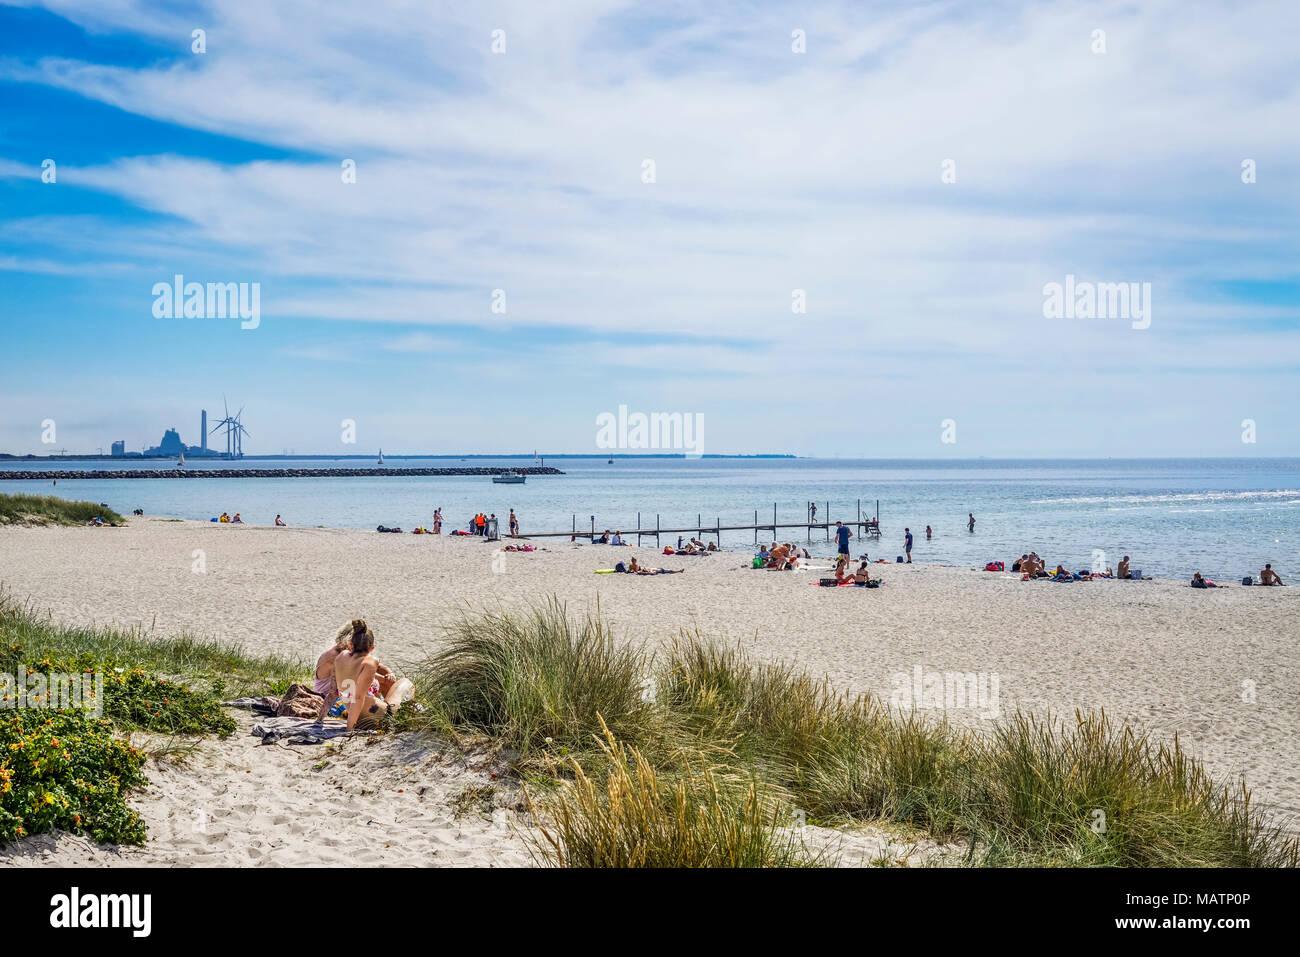 Plage de la mer Baltique à Ishøj sur le suroît, la baie de Køge une banlieue de Copenhague avec l'installation de haute technologie d'Avedøre Power Station dans la ba Photo Stock